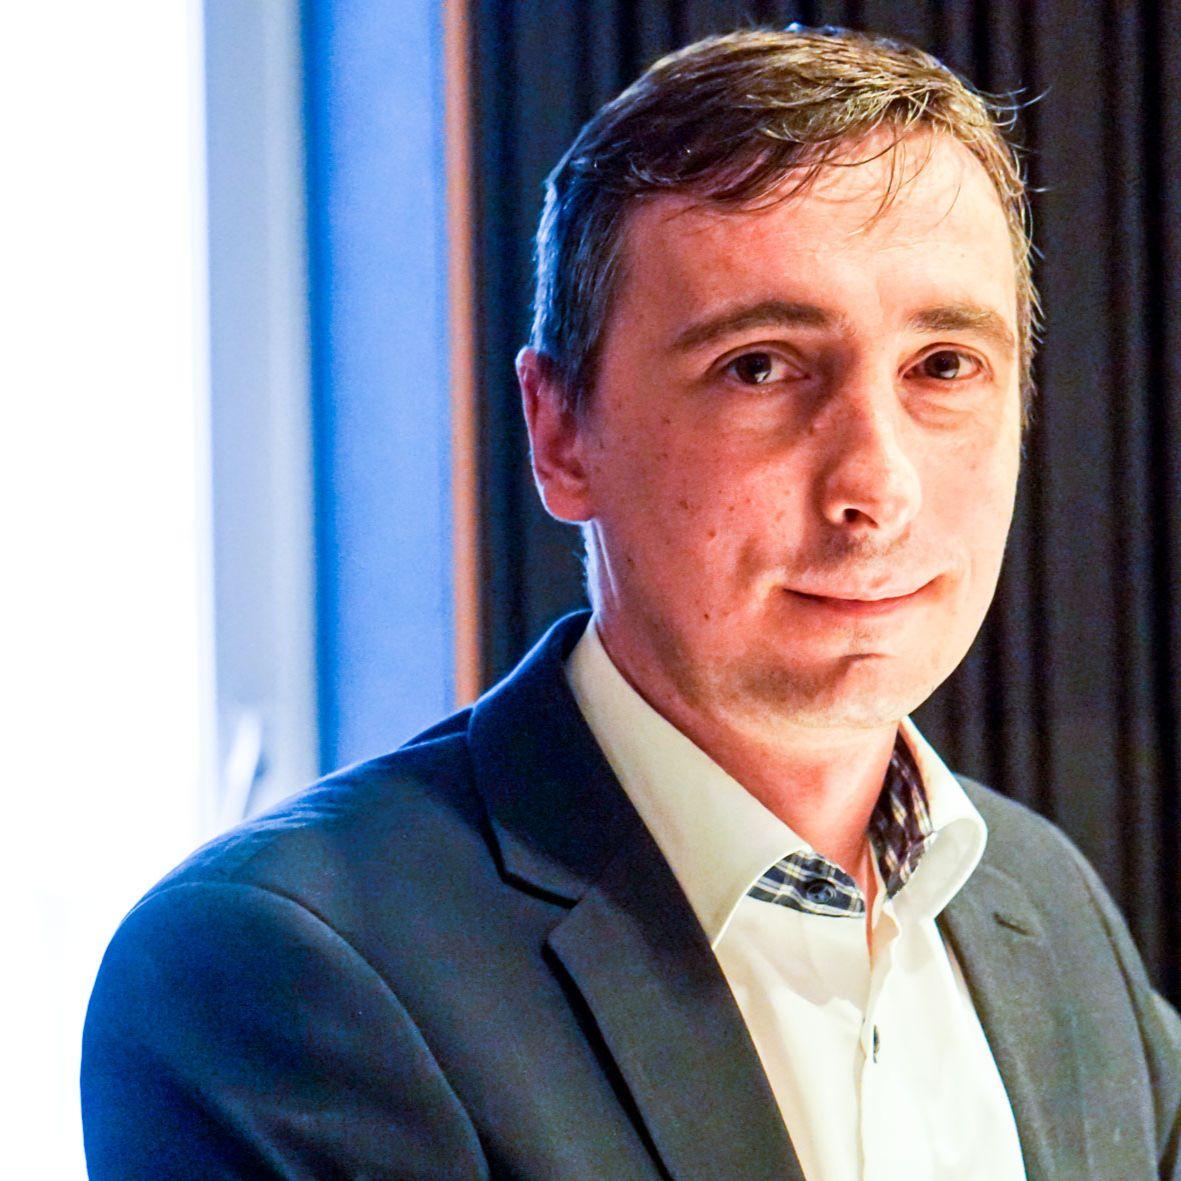 Ján Marosz - Dopravcami požadované pozastavenie platieb za mýtny systém neprichádza do úvahy